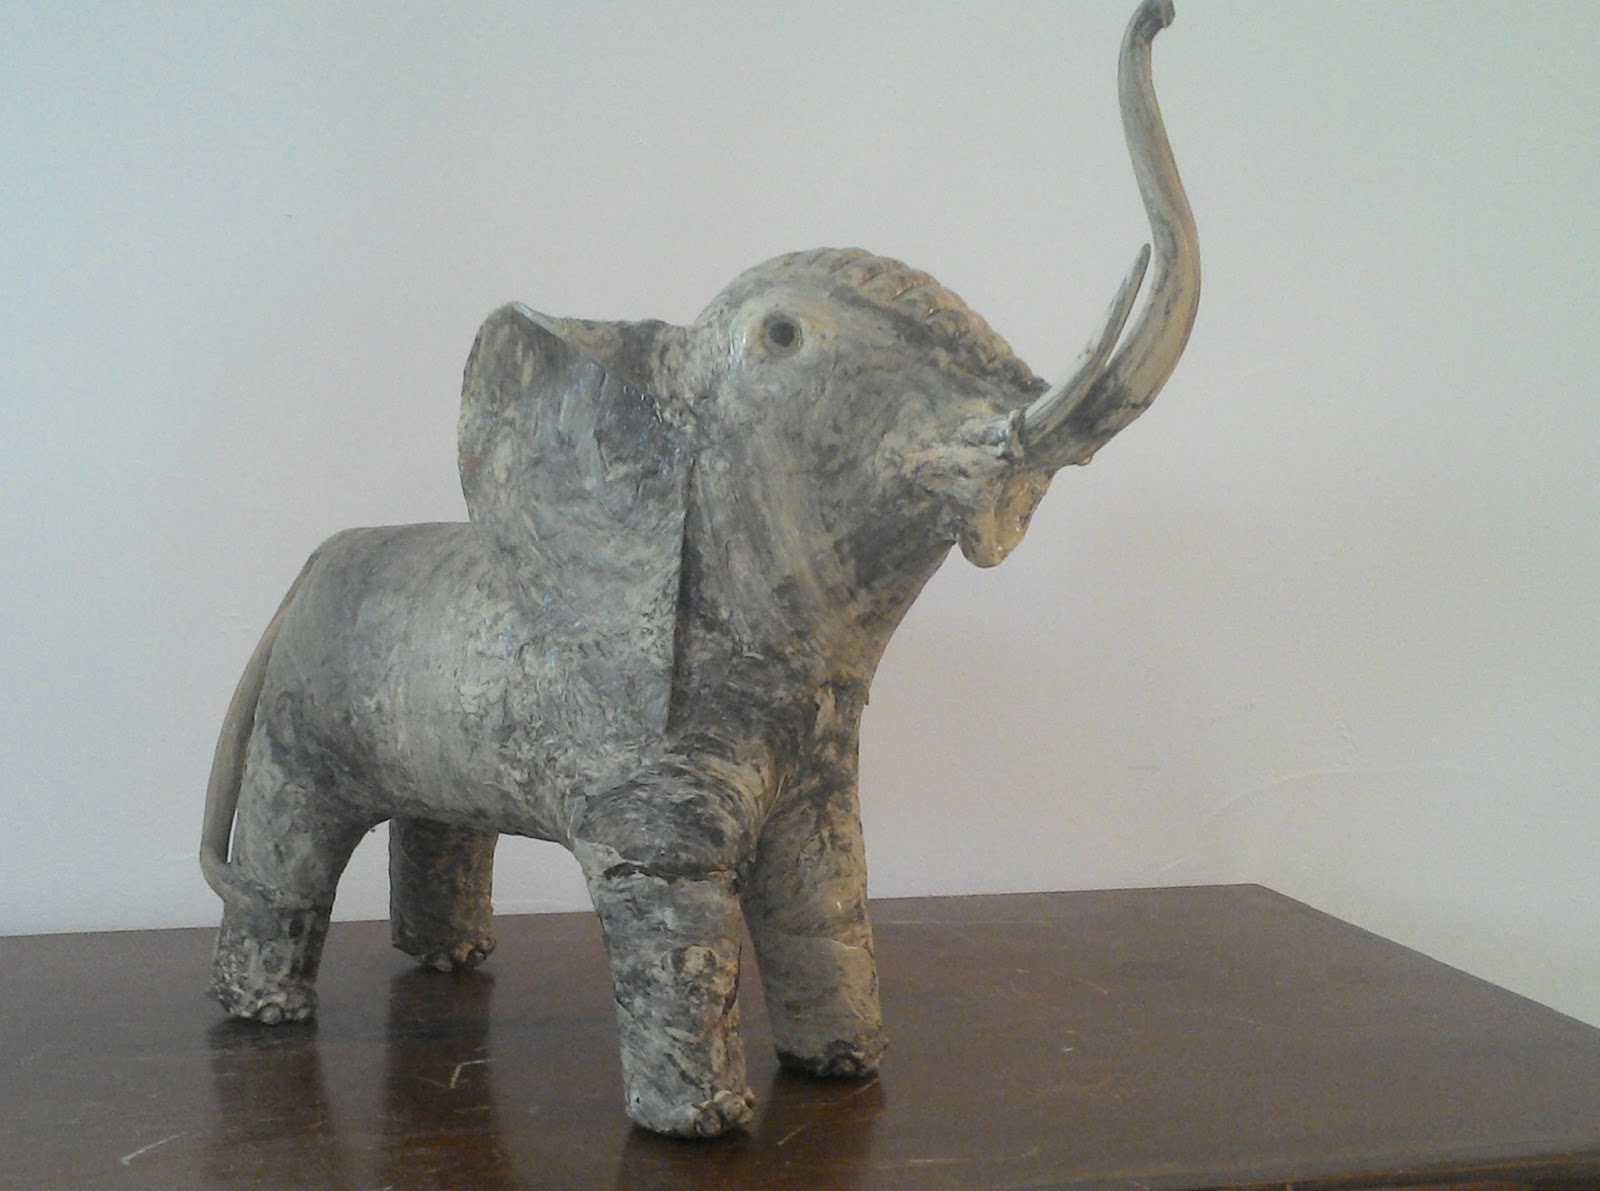 ancien l phant sculpture oeuvre d 39 art africain en bois ancient elephant. Black Bedroom Furniture Sets. Home Design Ideas